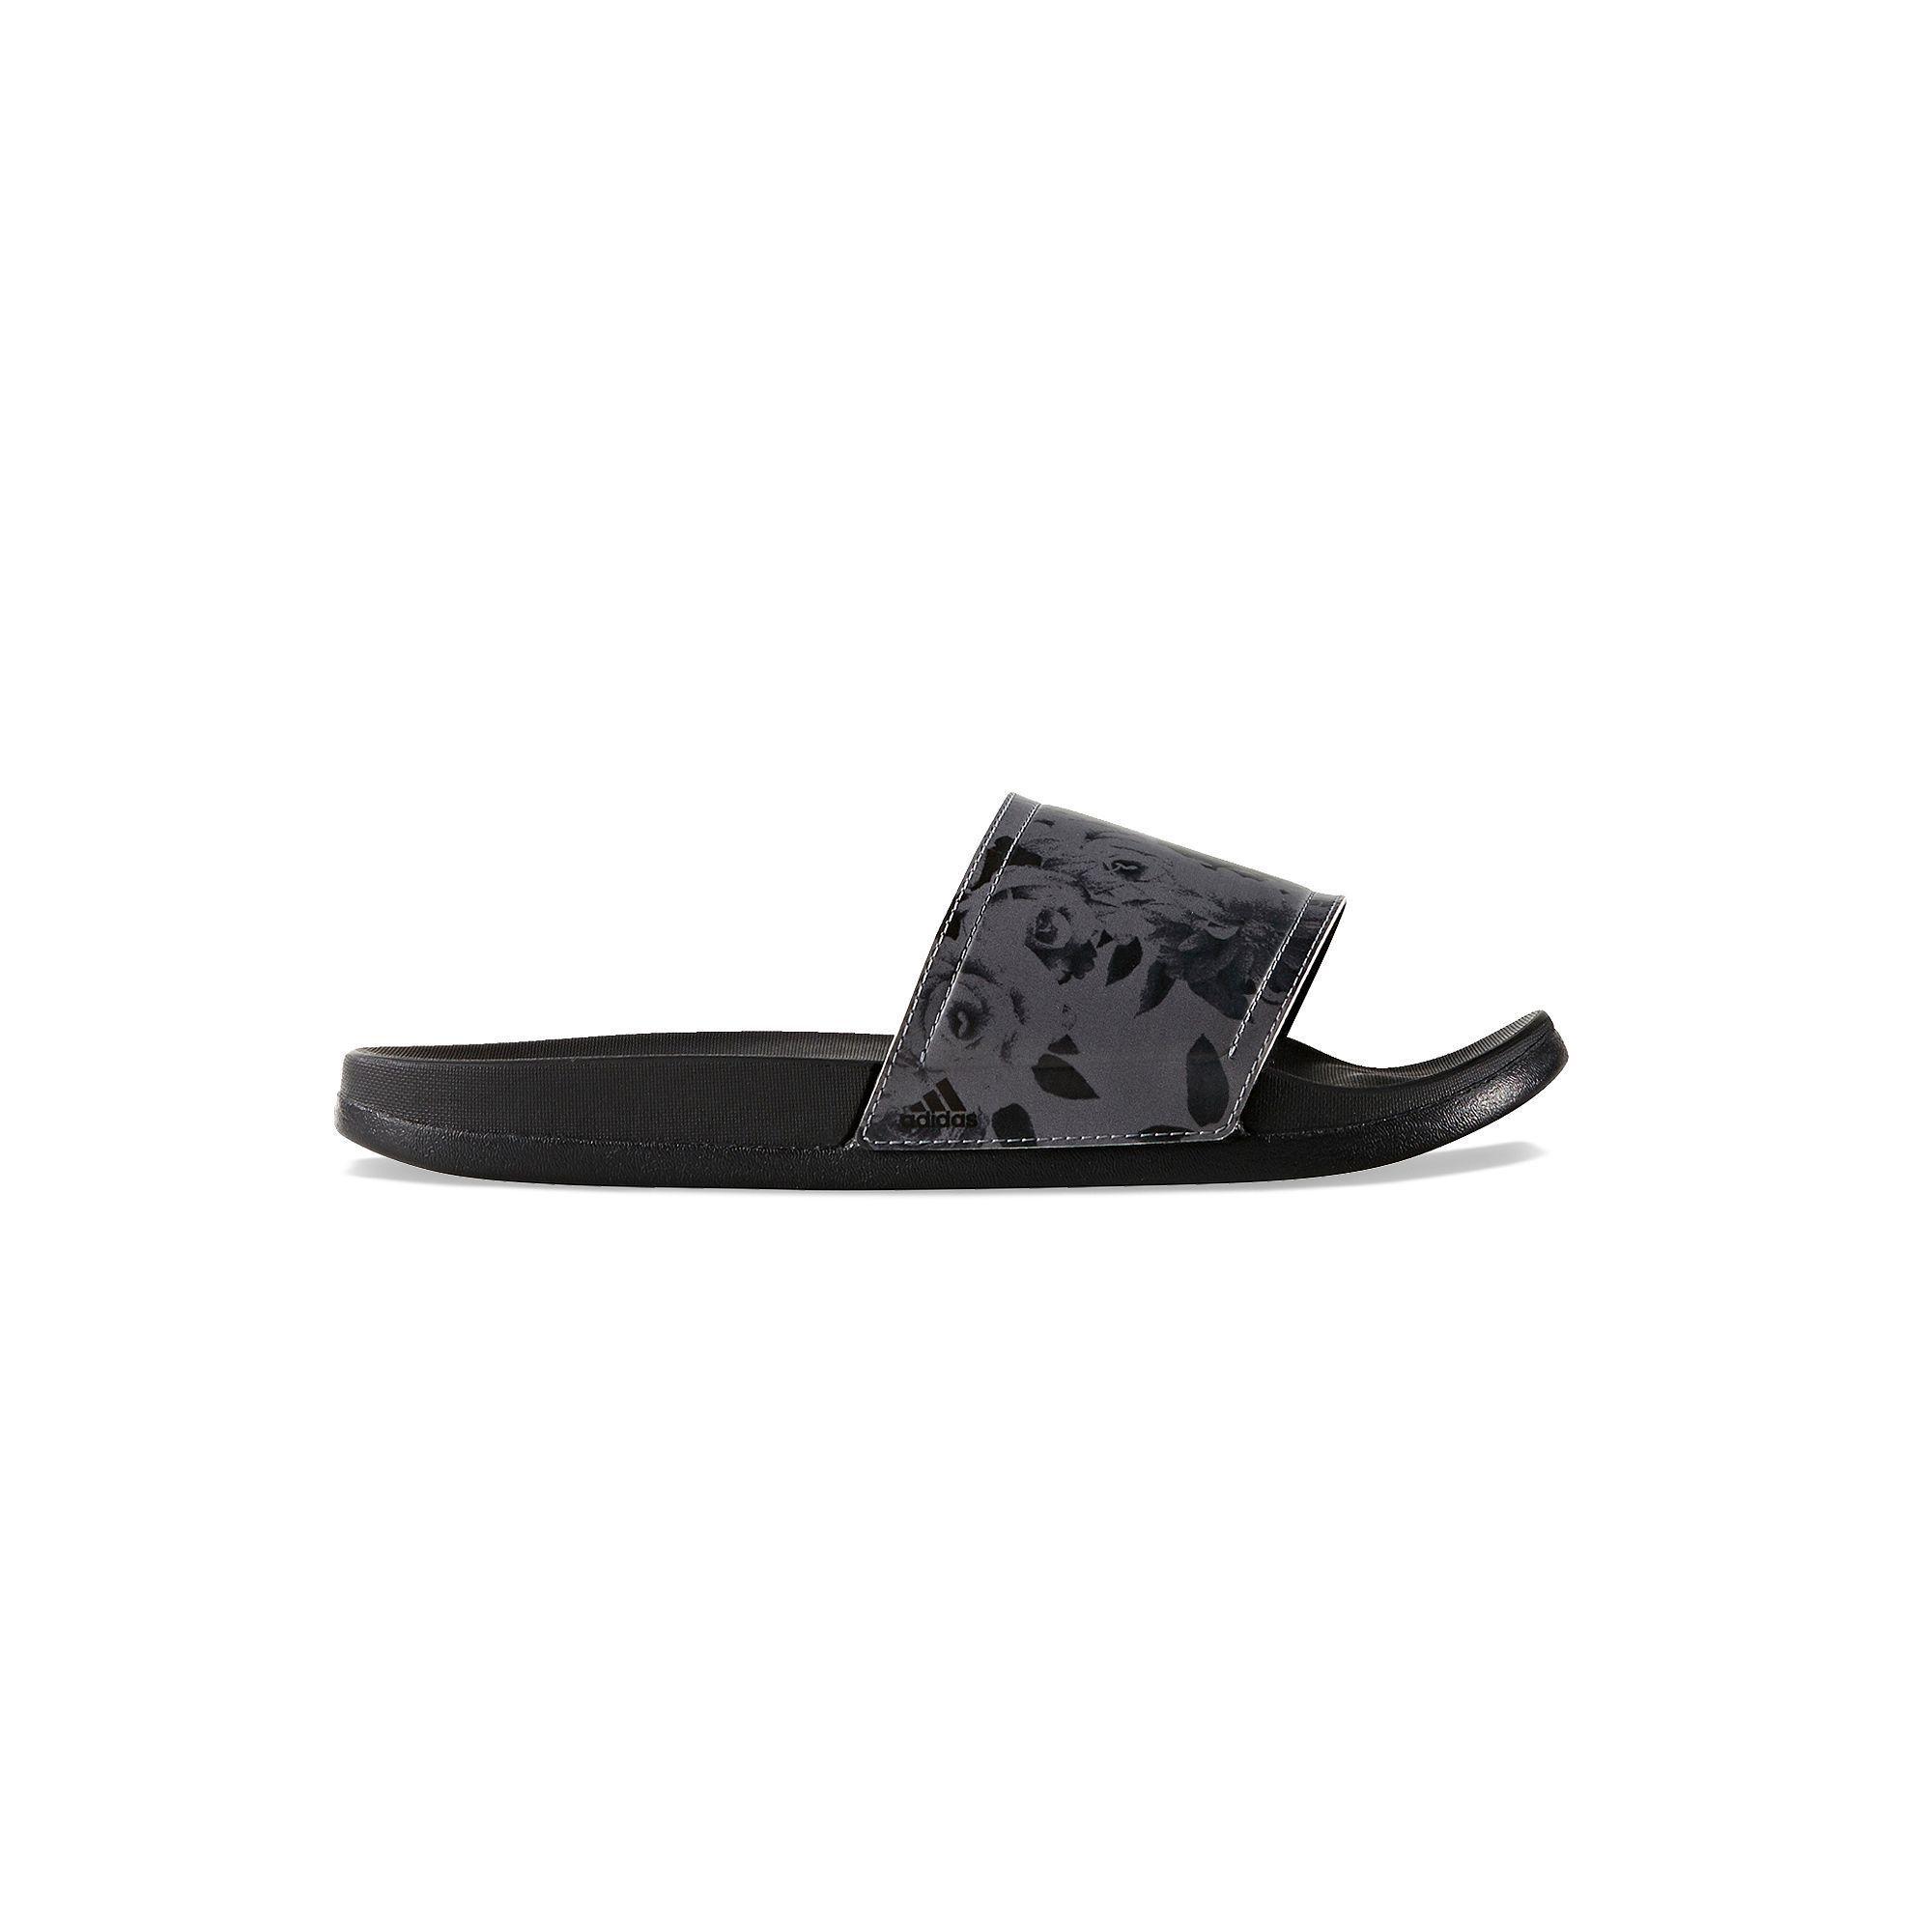 reputable site 36132 a1c9d ... Adidas Adilette Cloudfoam Print Women s Slide Sandals, Size 11, Black  promo codes 17675 ...